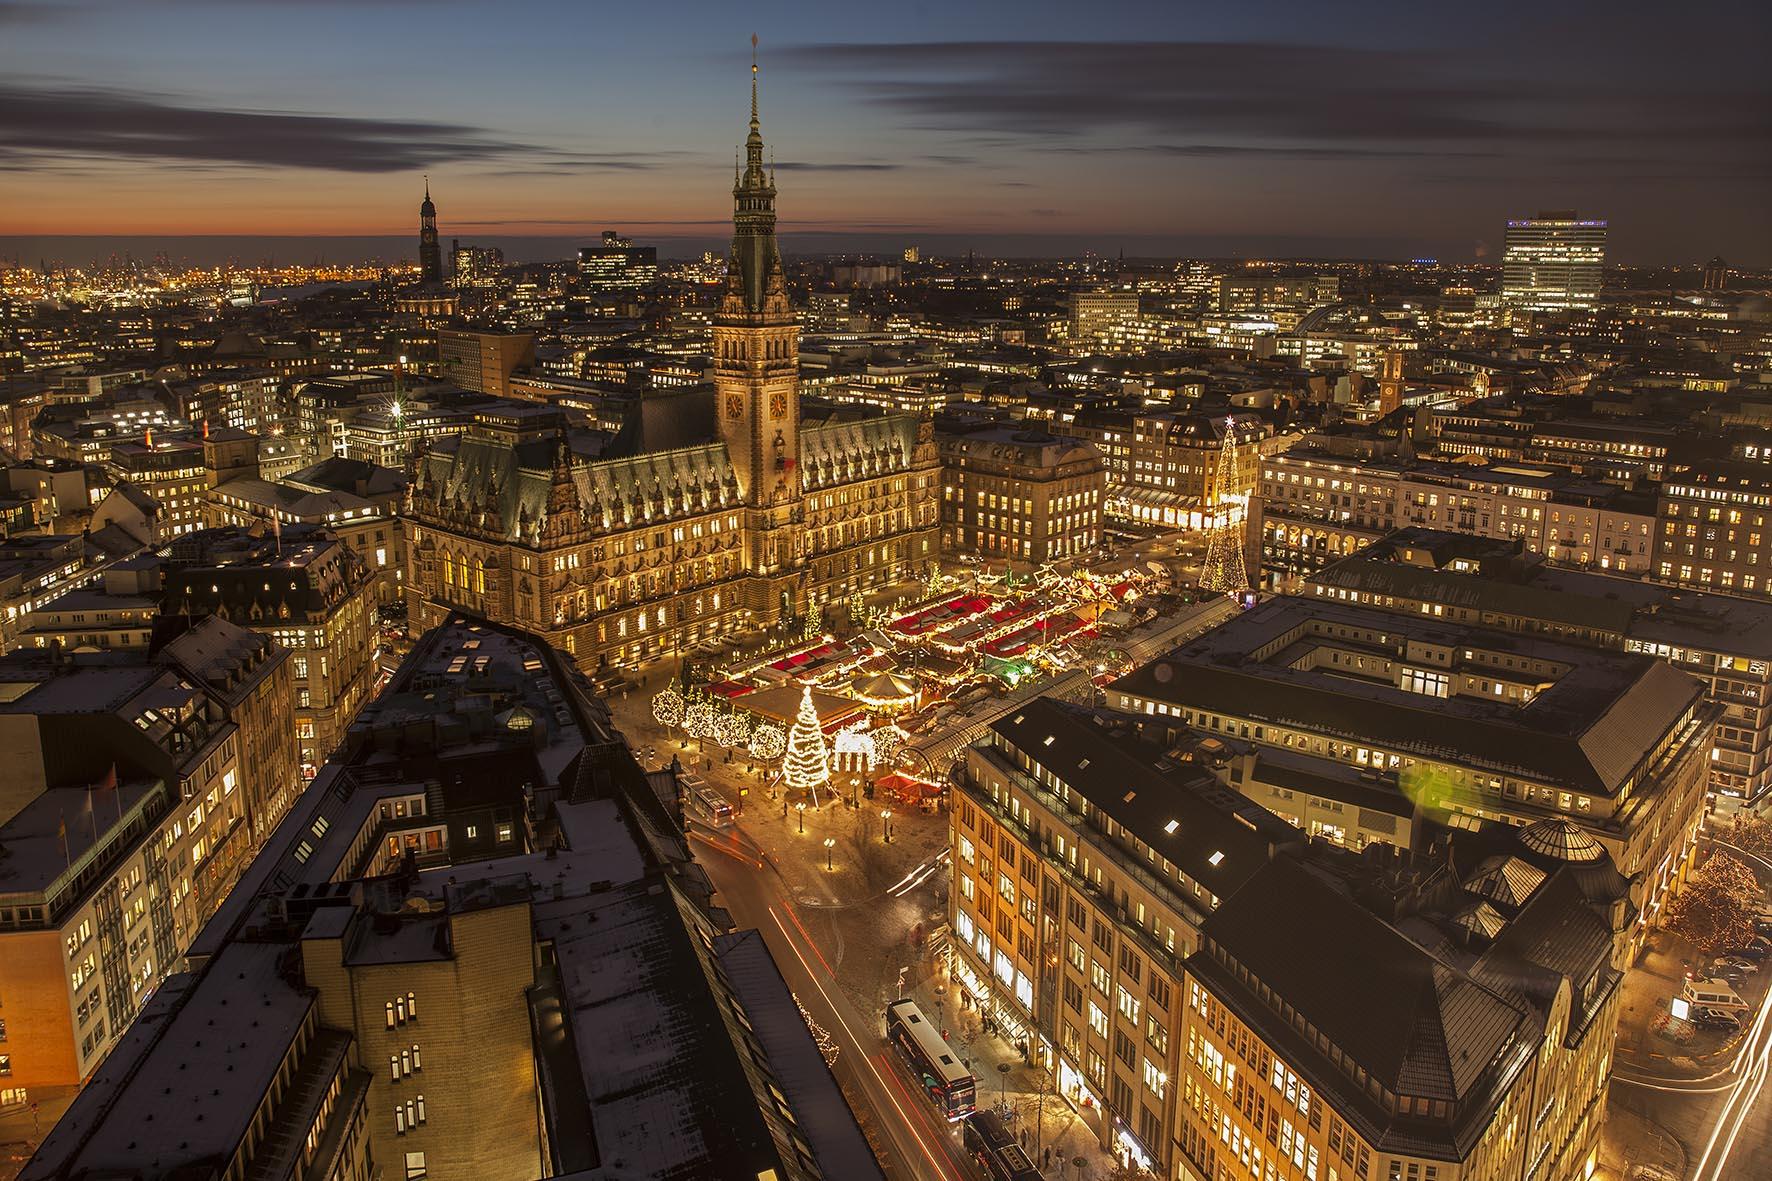 Weihnachtsmarkt Hamburg Heute Geöffnet.Hamburger Weihnachtsmarkt Circus Roncalli Jubiläum